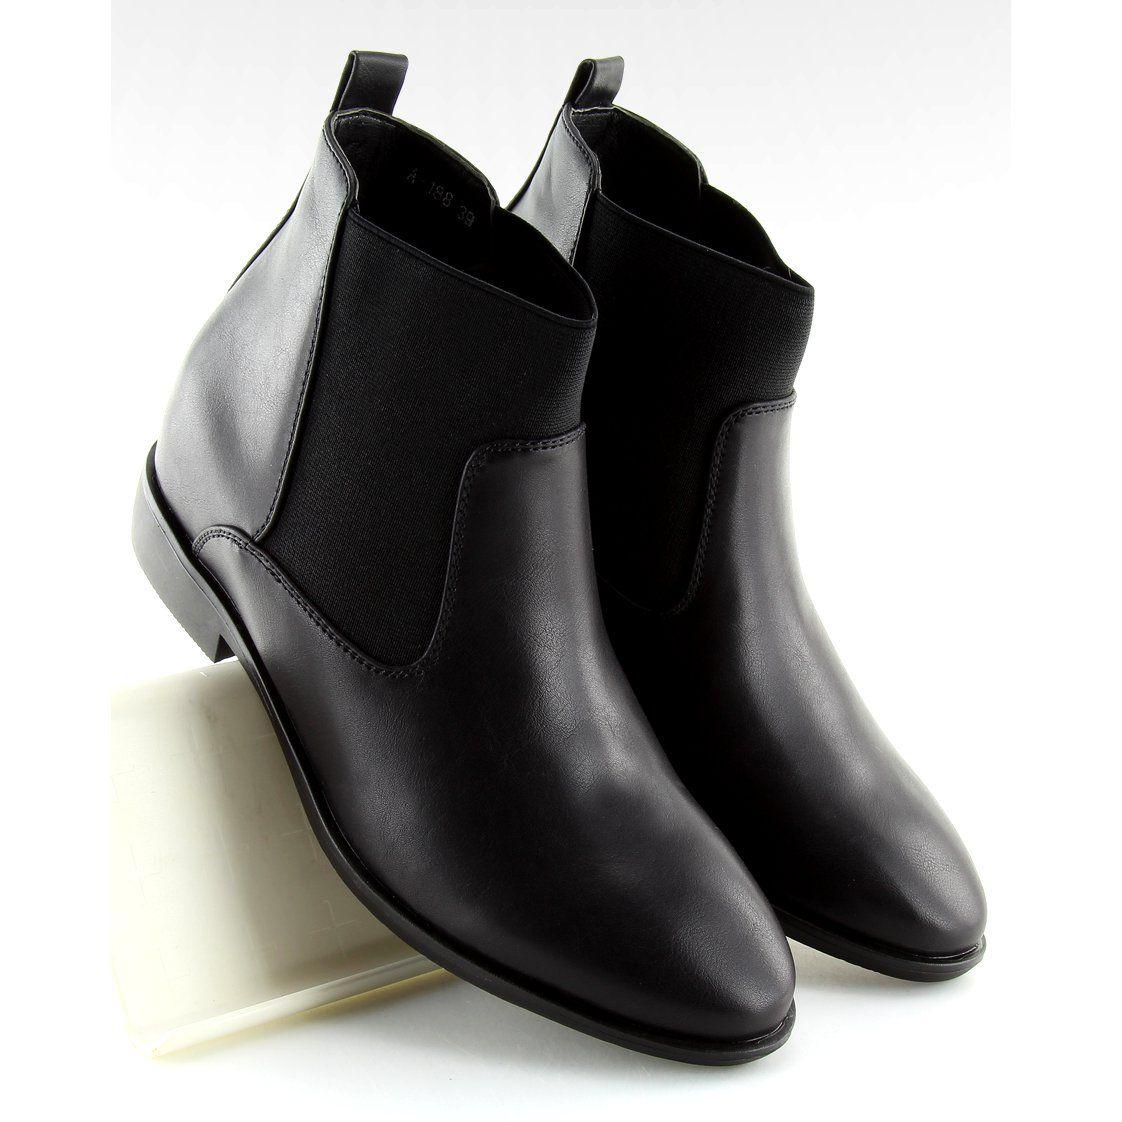 Botki Sztyblety Czarne A 188 Black Boots Jodhpur Boots Bottom Clothes